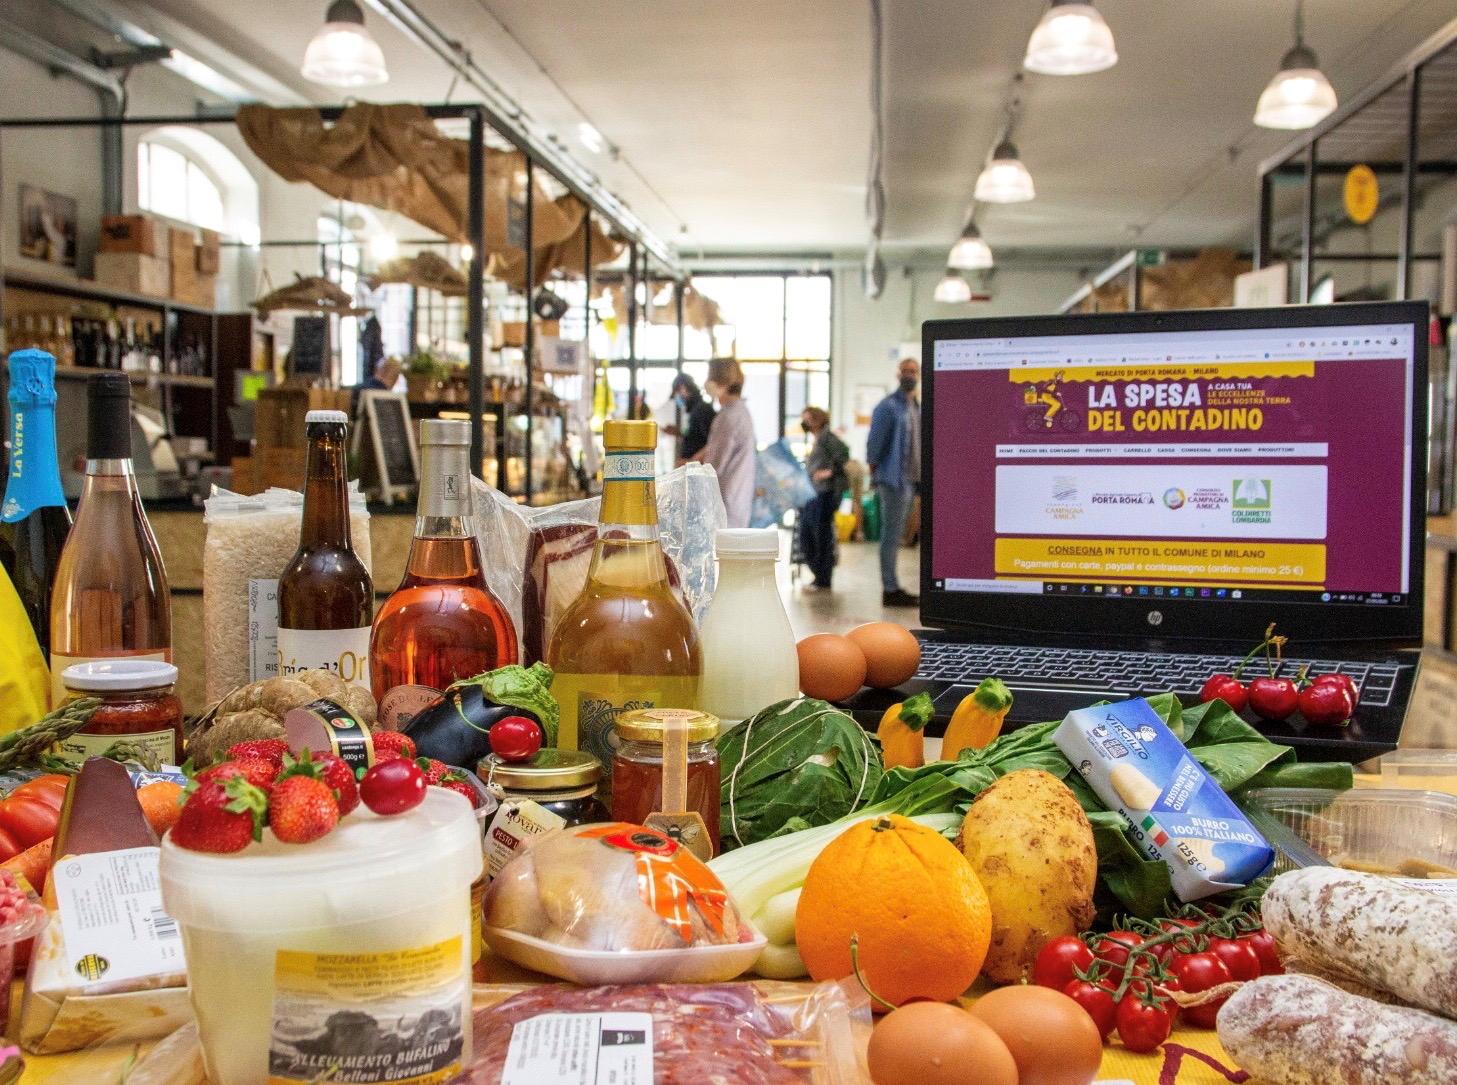 Negozi Per La Casa Milano fase 2, lombardia prima per negozi online: a milano arriva